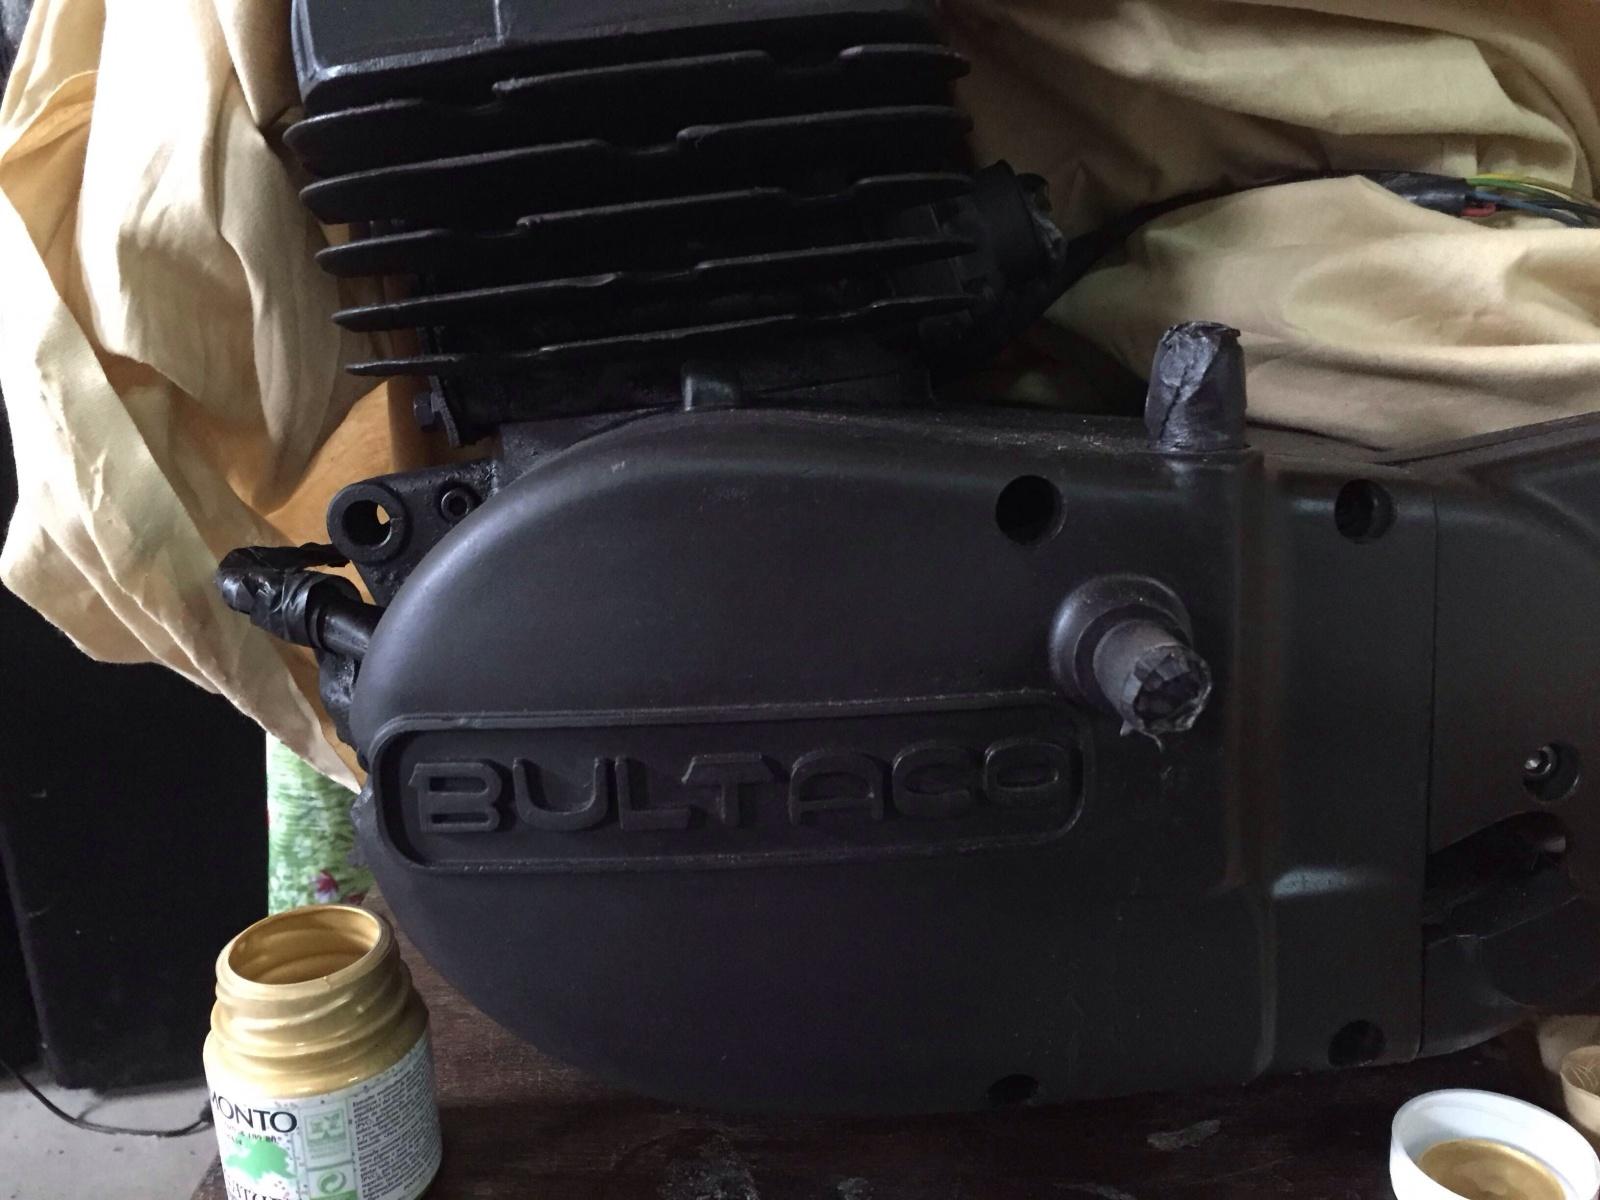 Bultaco streaker 307q9fk